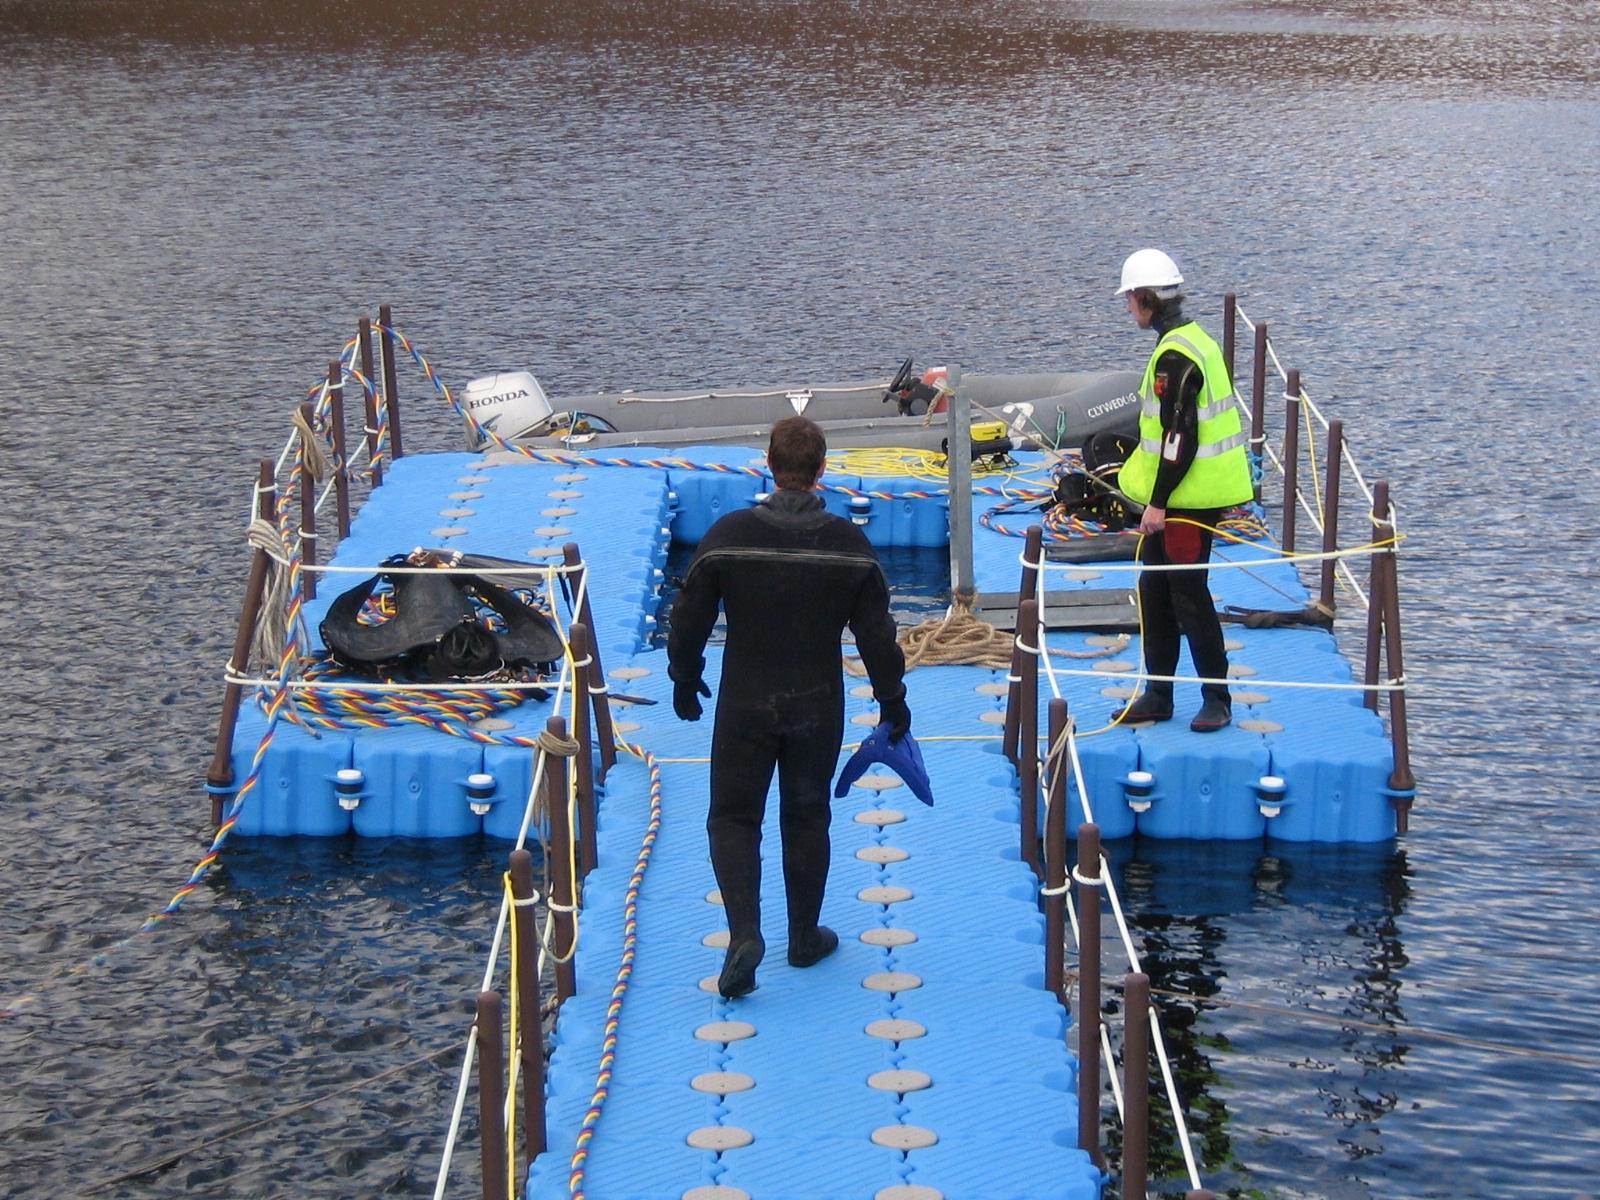 Plataforma flotante de buceo